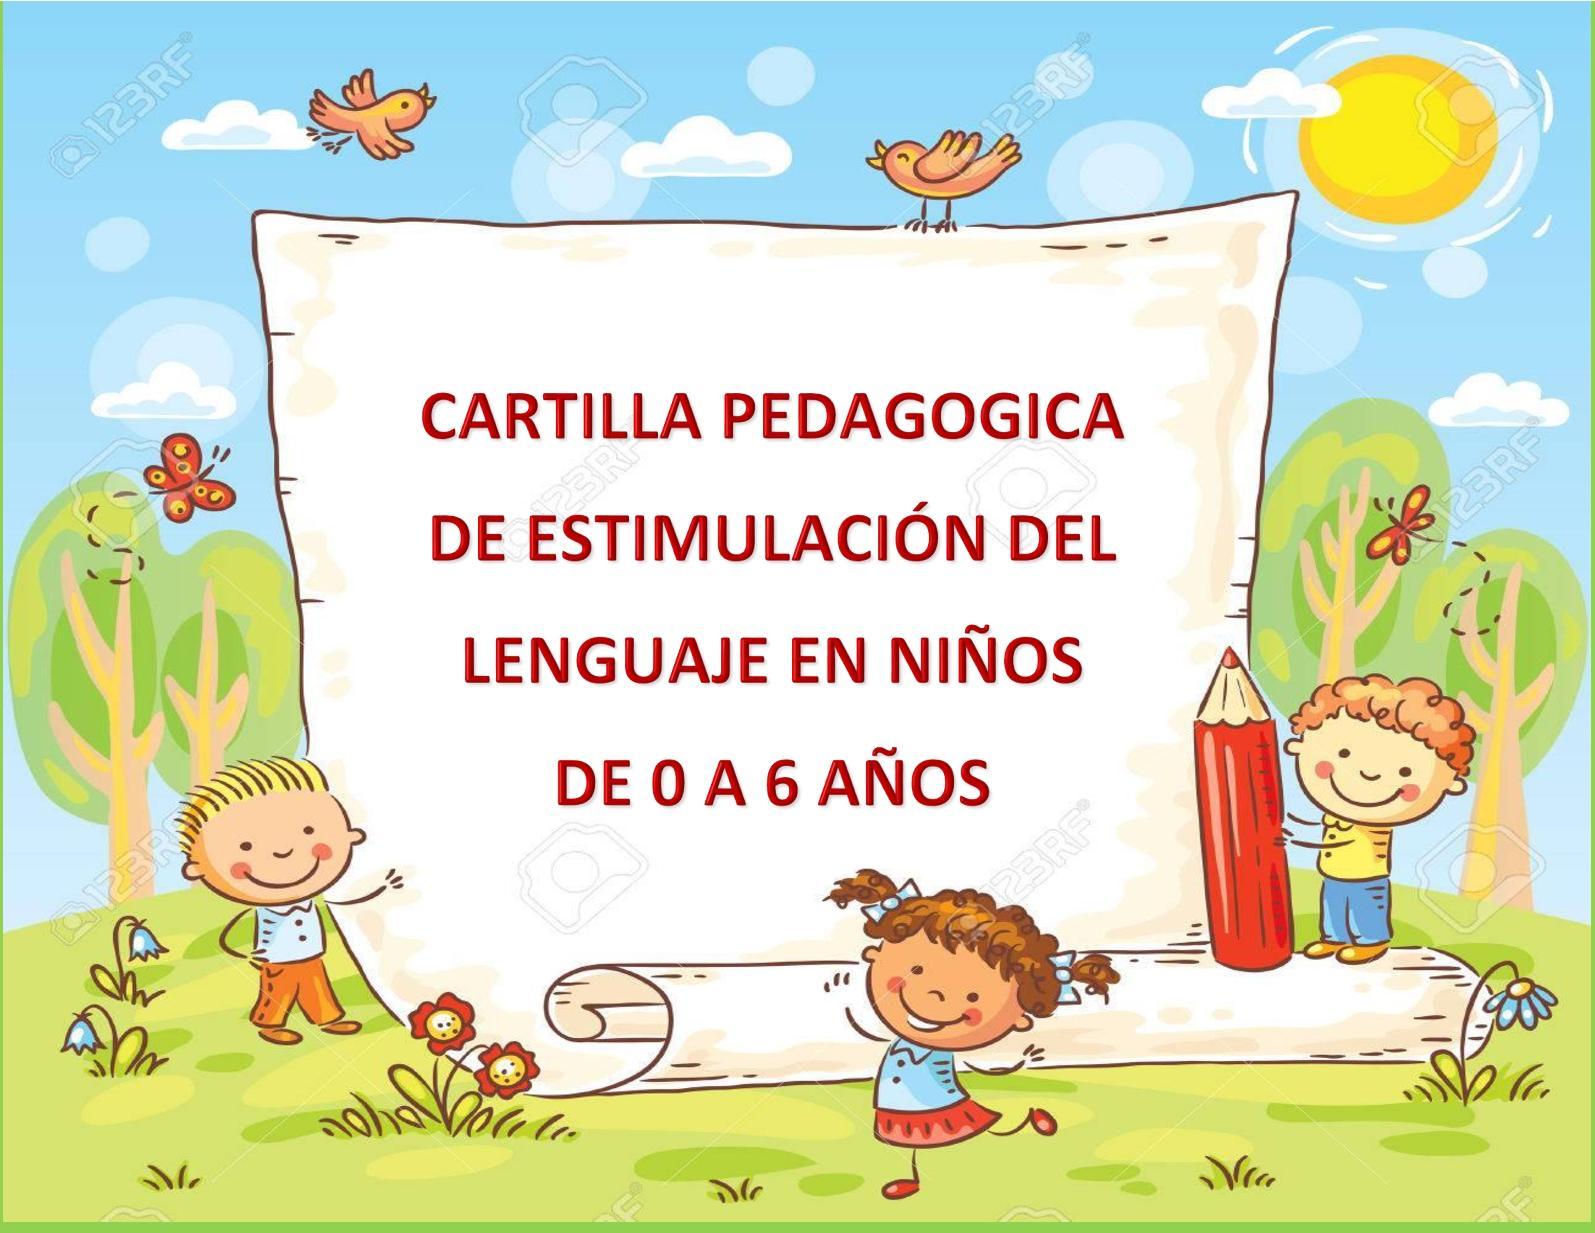 cartilla pedagógica